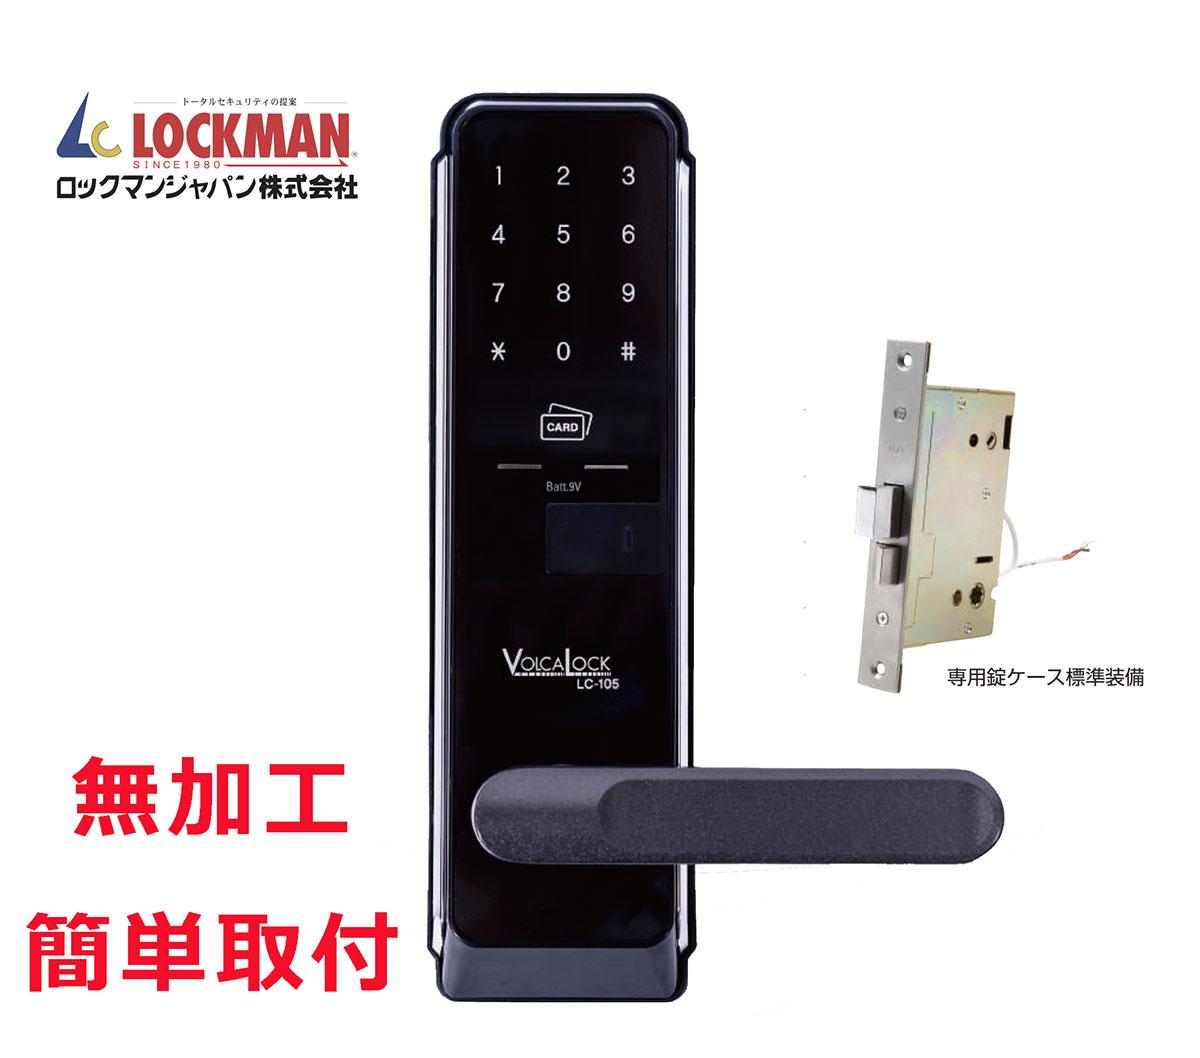 ロックマンジャパン LC-105 デジタルドアロック